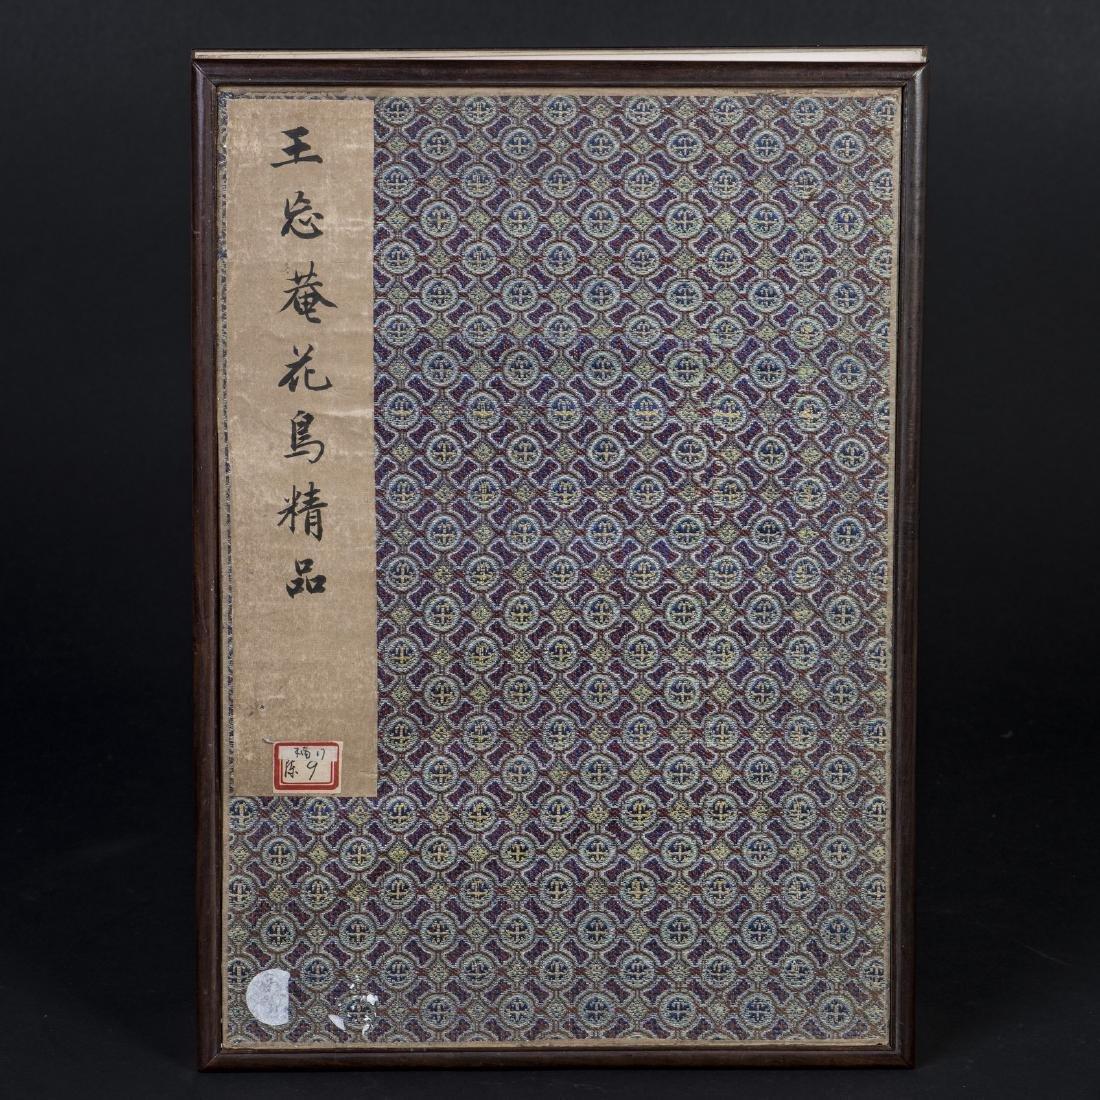 WANG WANG AN (ATTRIBUTED TO, 1688-1766)